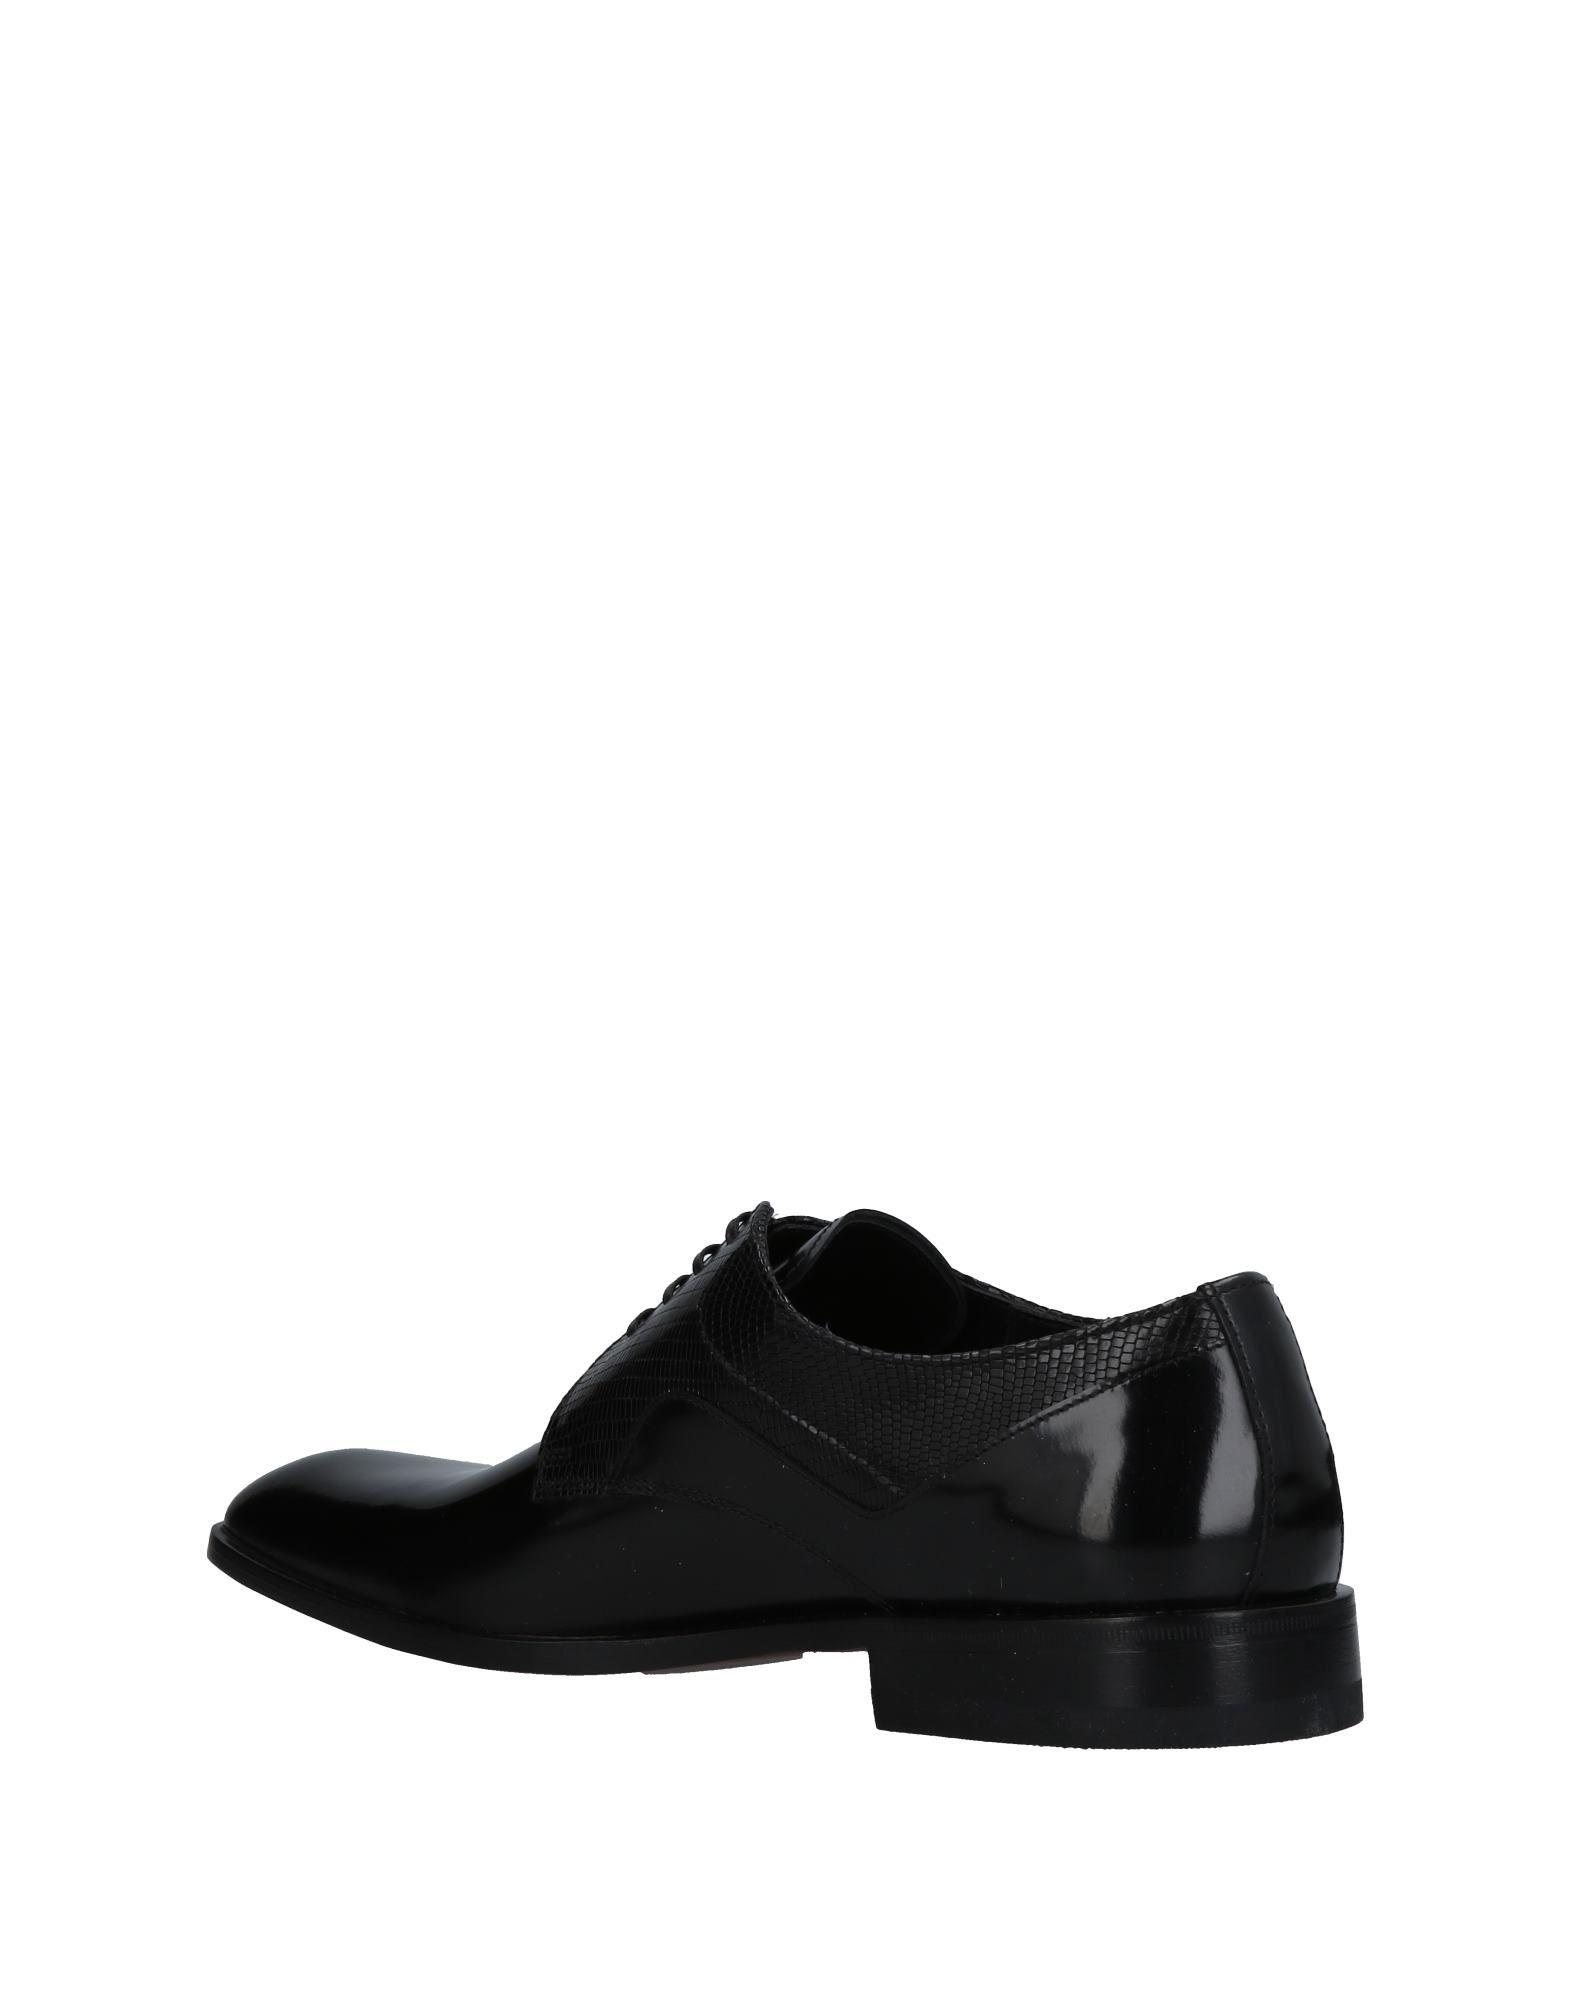 Fiorangelo Schnürschuhe Herren  11448316VB Gute Qualität beliebte Schuhe